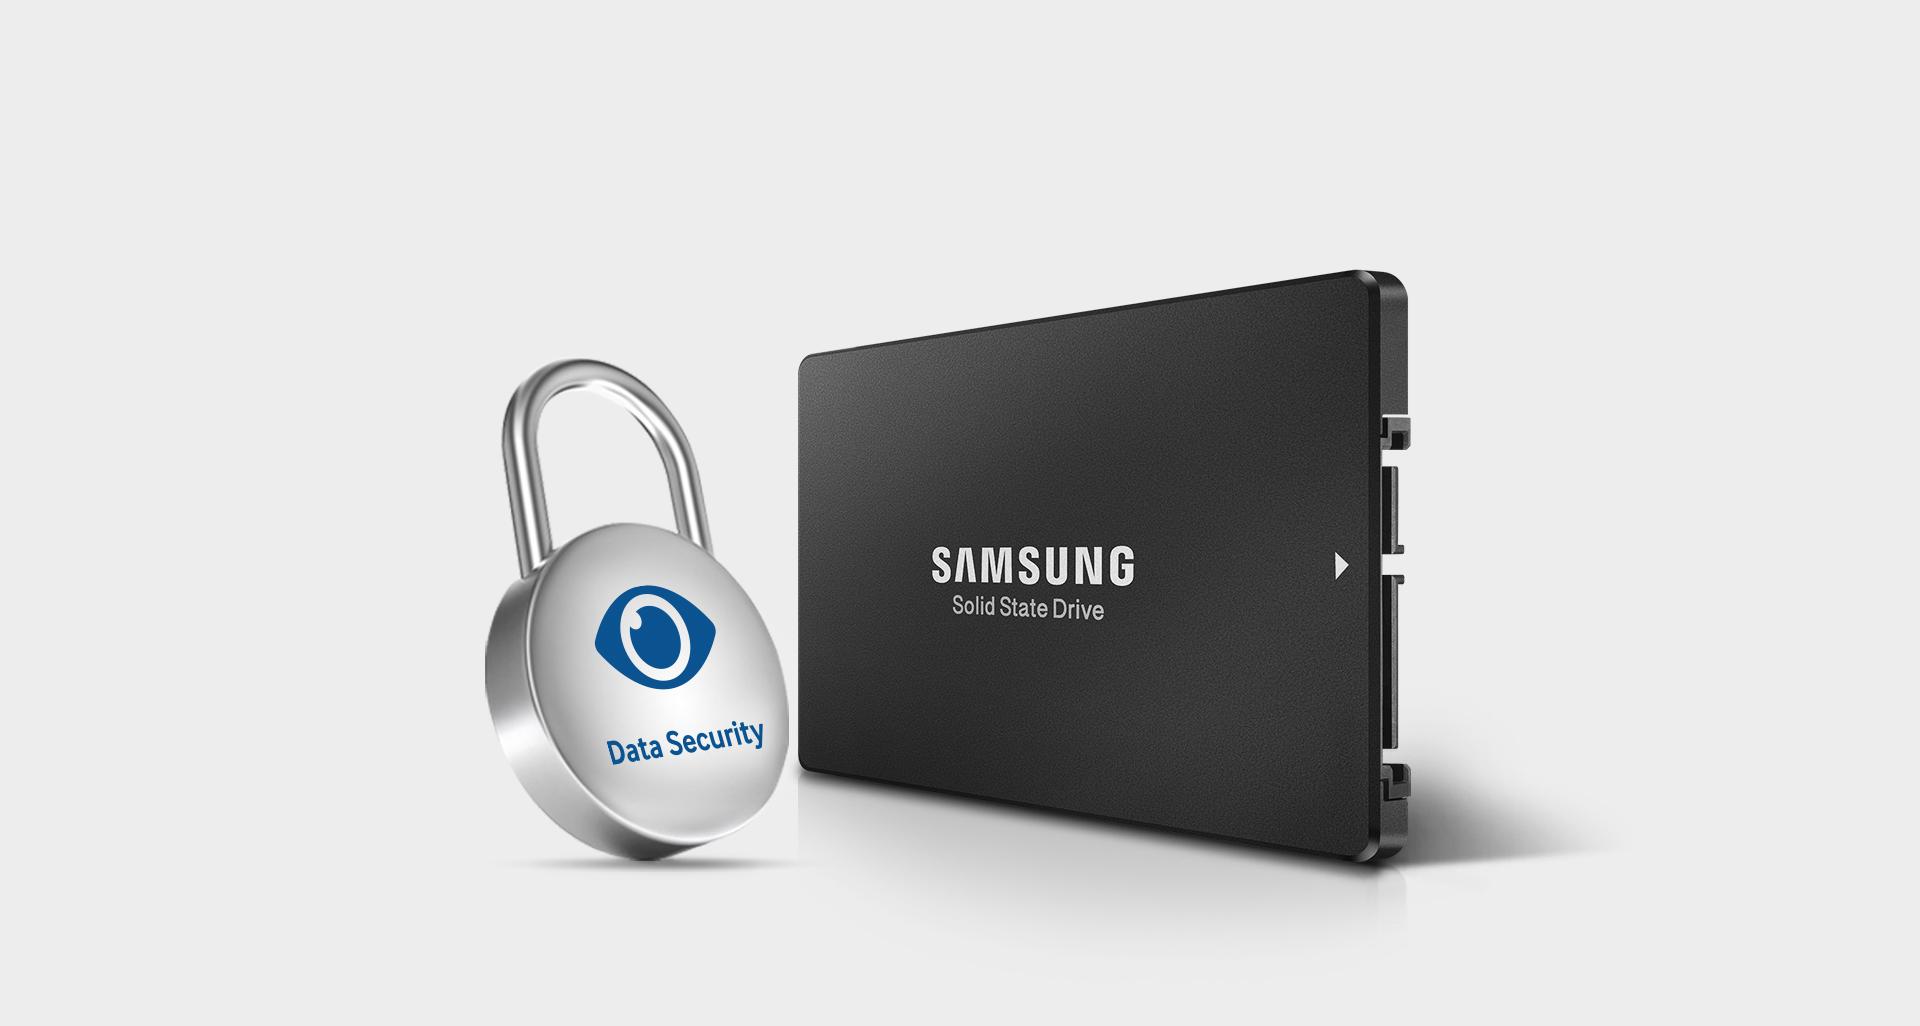 Samsung SSD SM863a 480GB